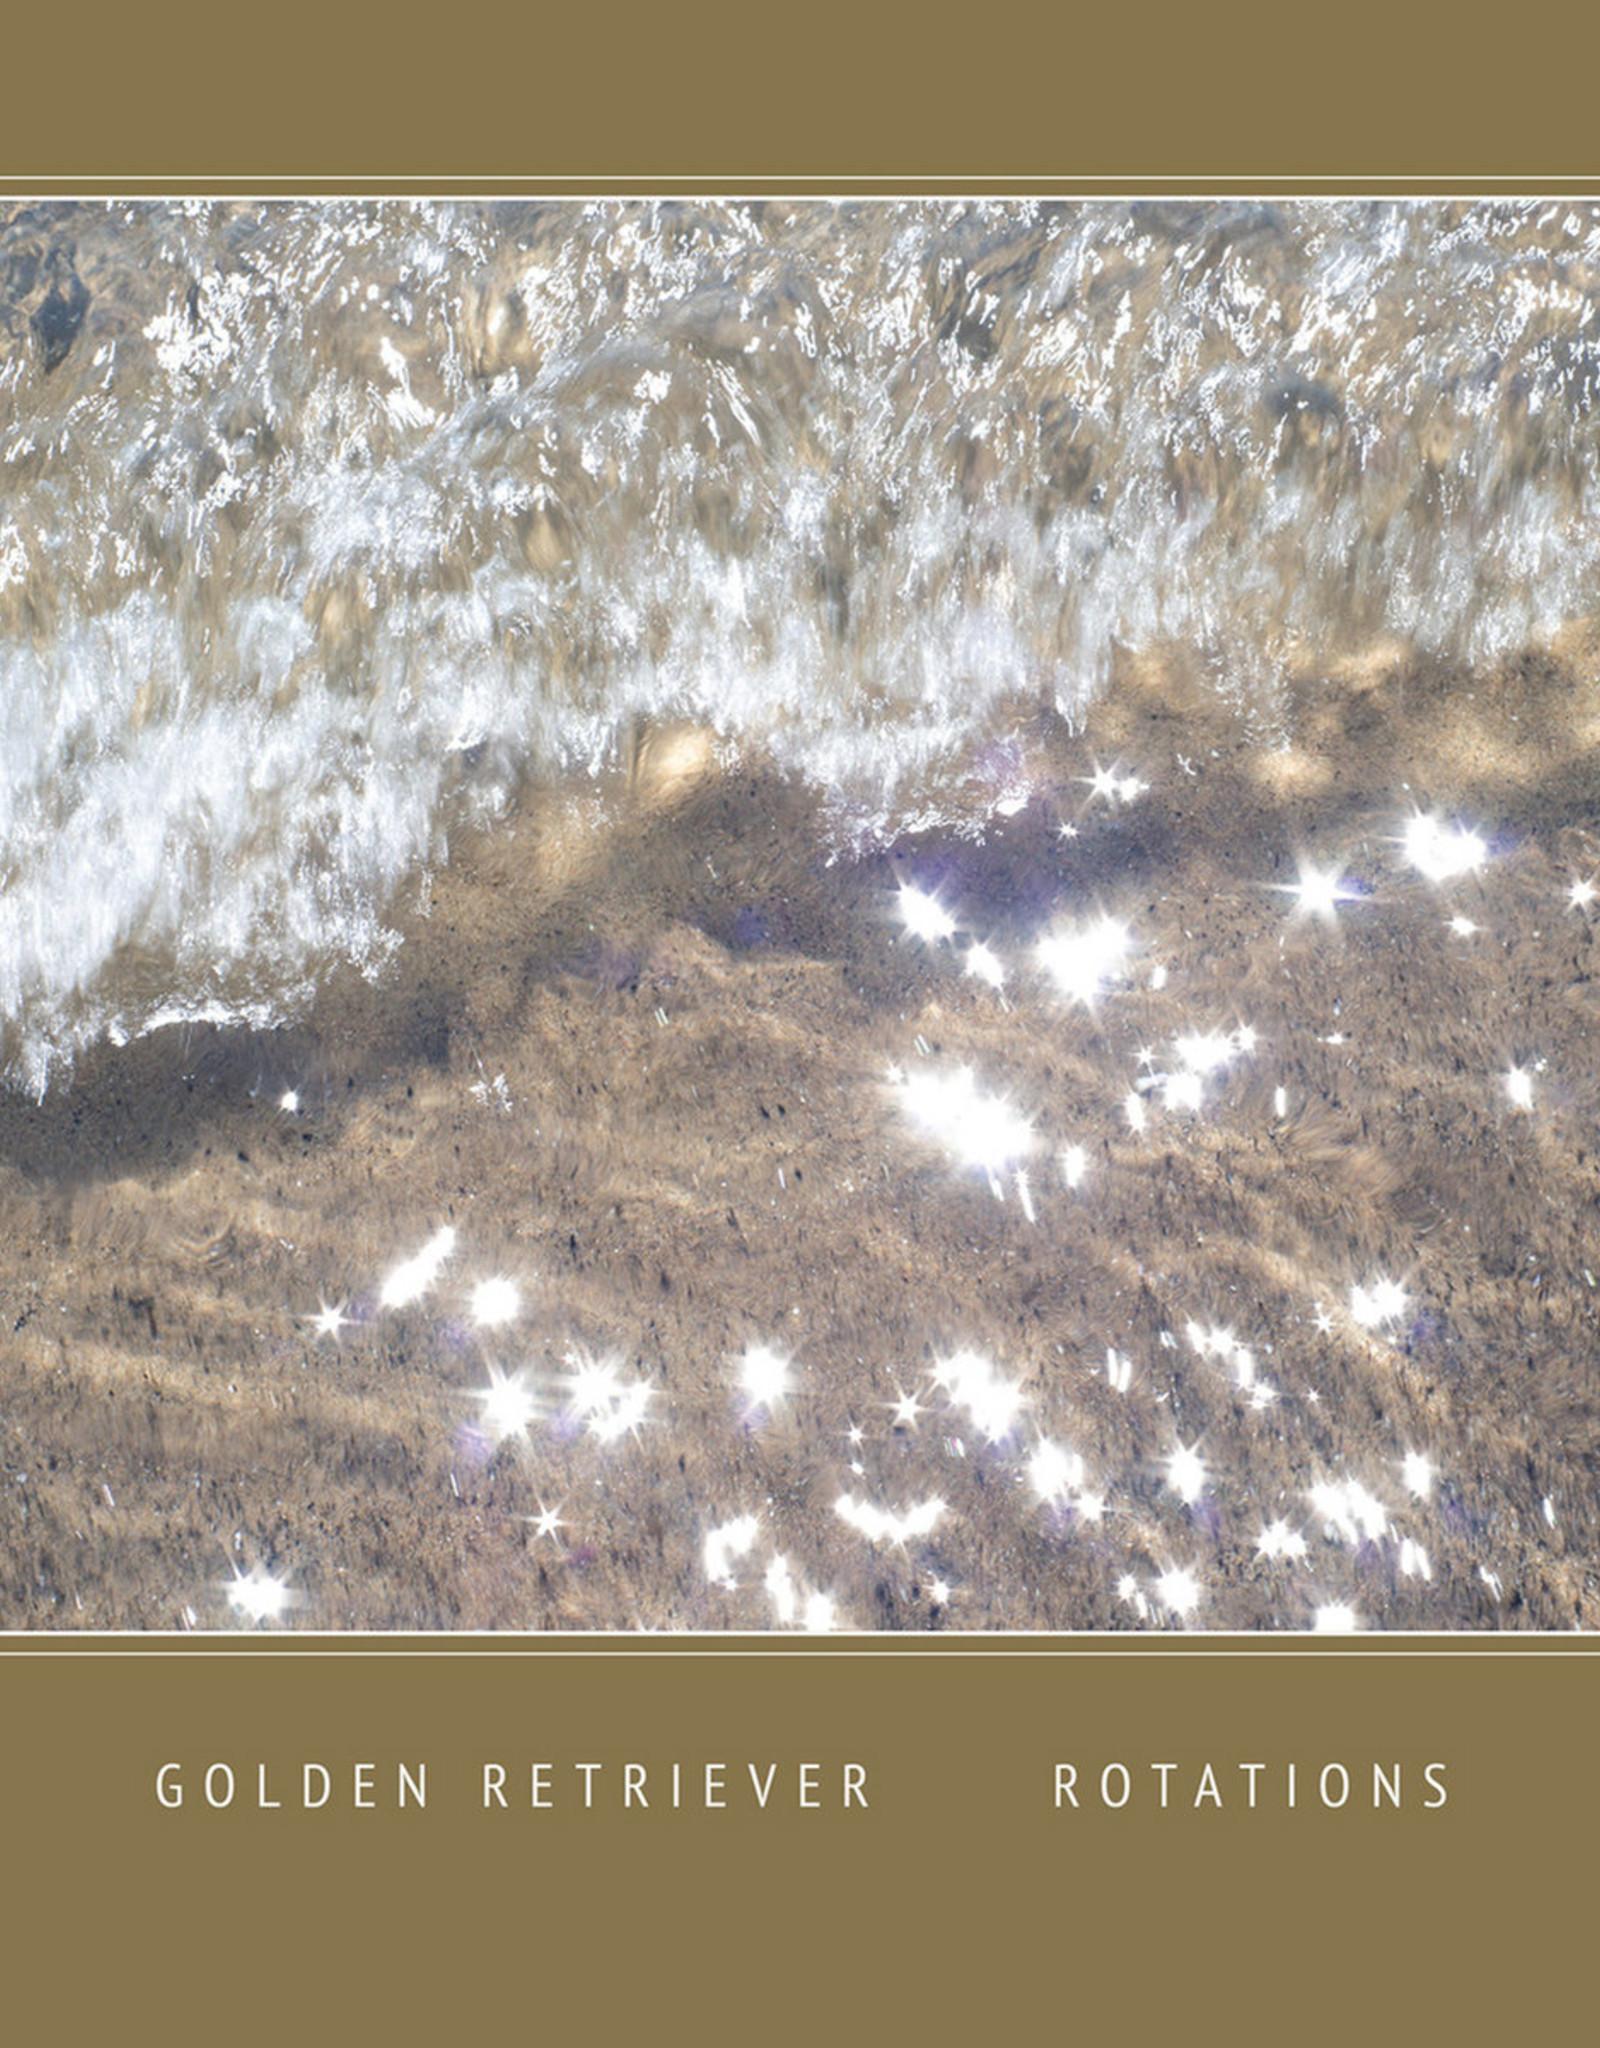 Golden Retriever - Rotations